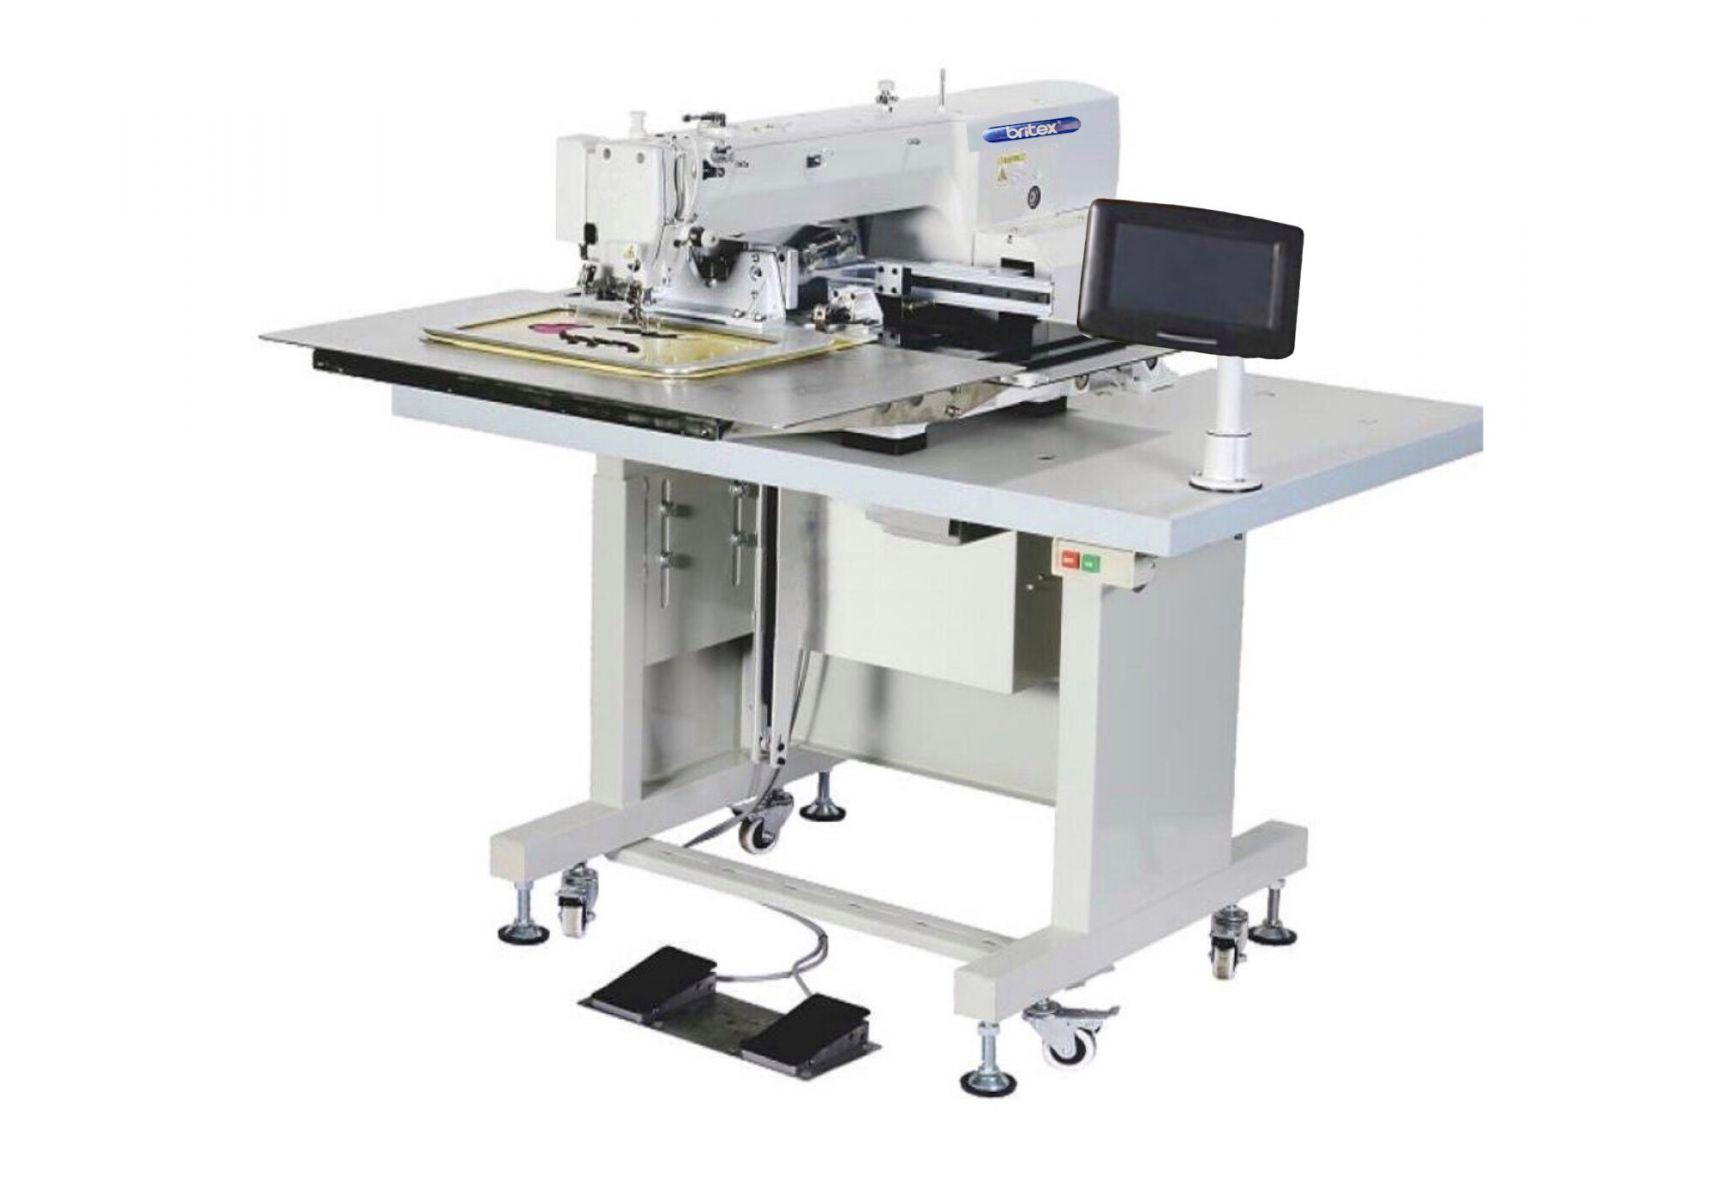 Máy Lập trình khổ 300mmx200mm (Mẫu Brother) - Hiệu: Britex, Model: BR-3020G